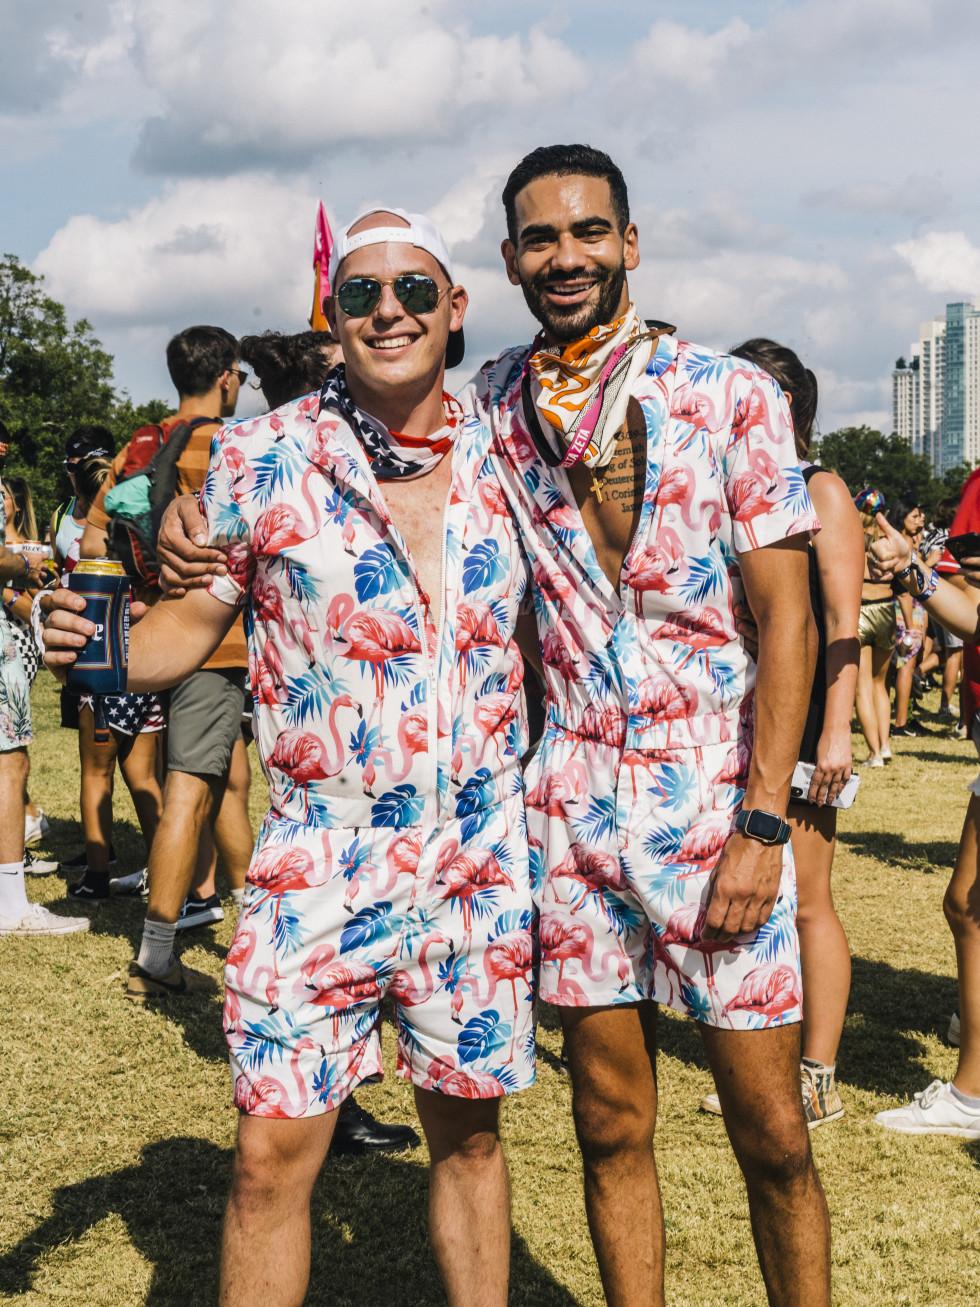 Men's fashion ACL Fest 2021